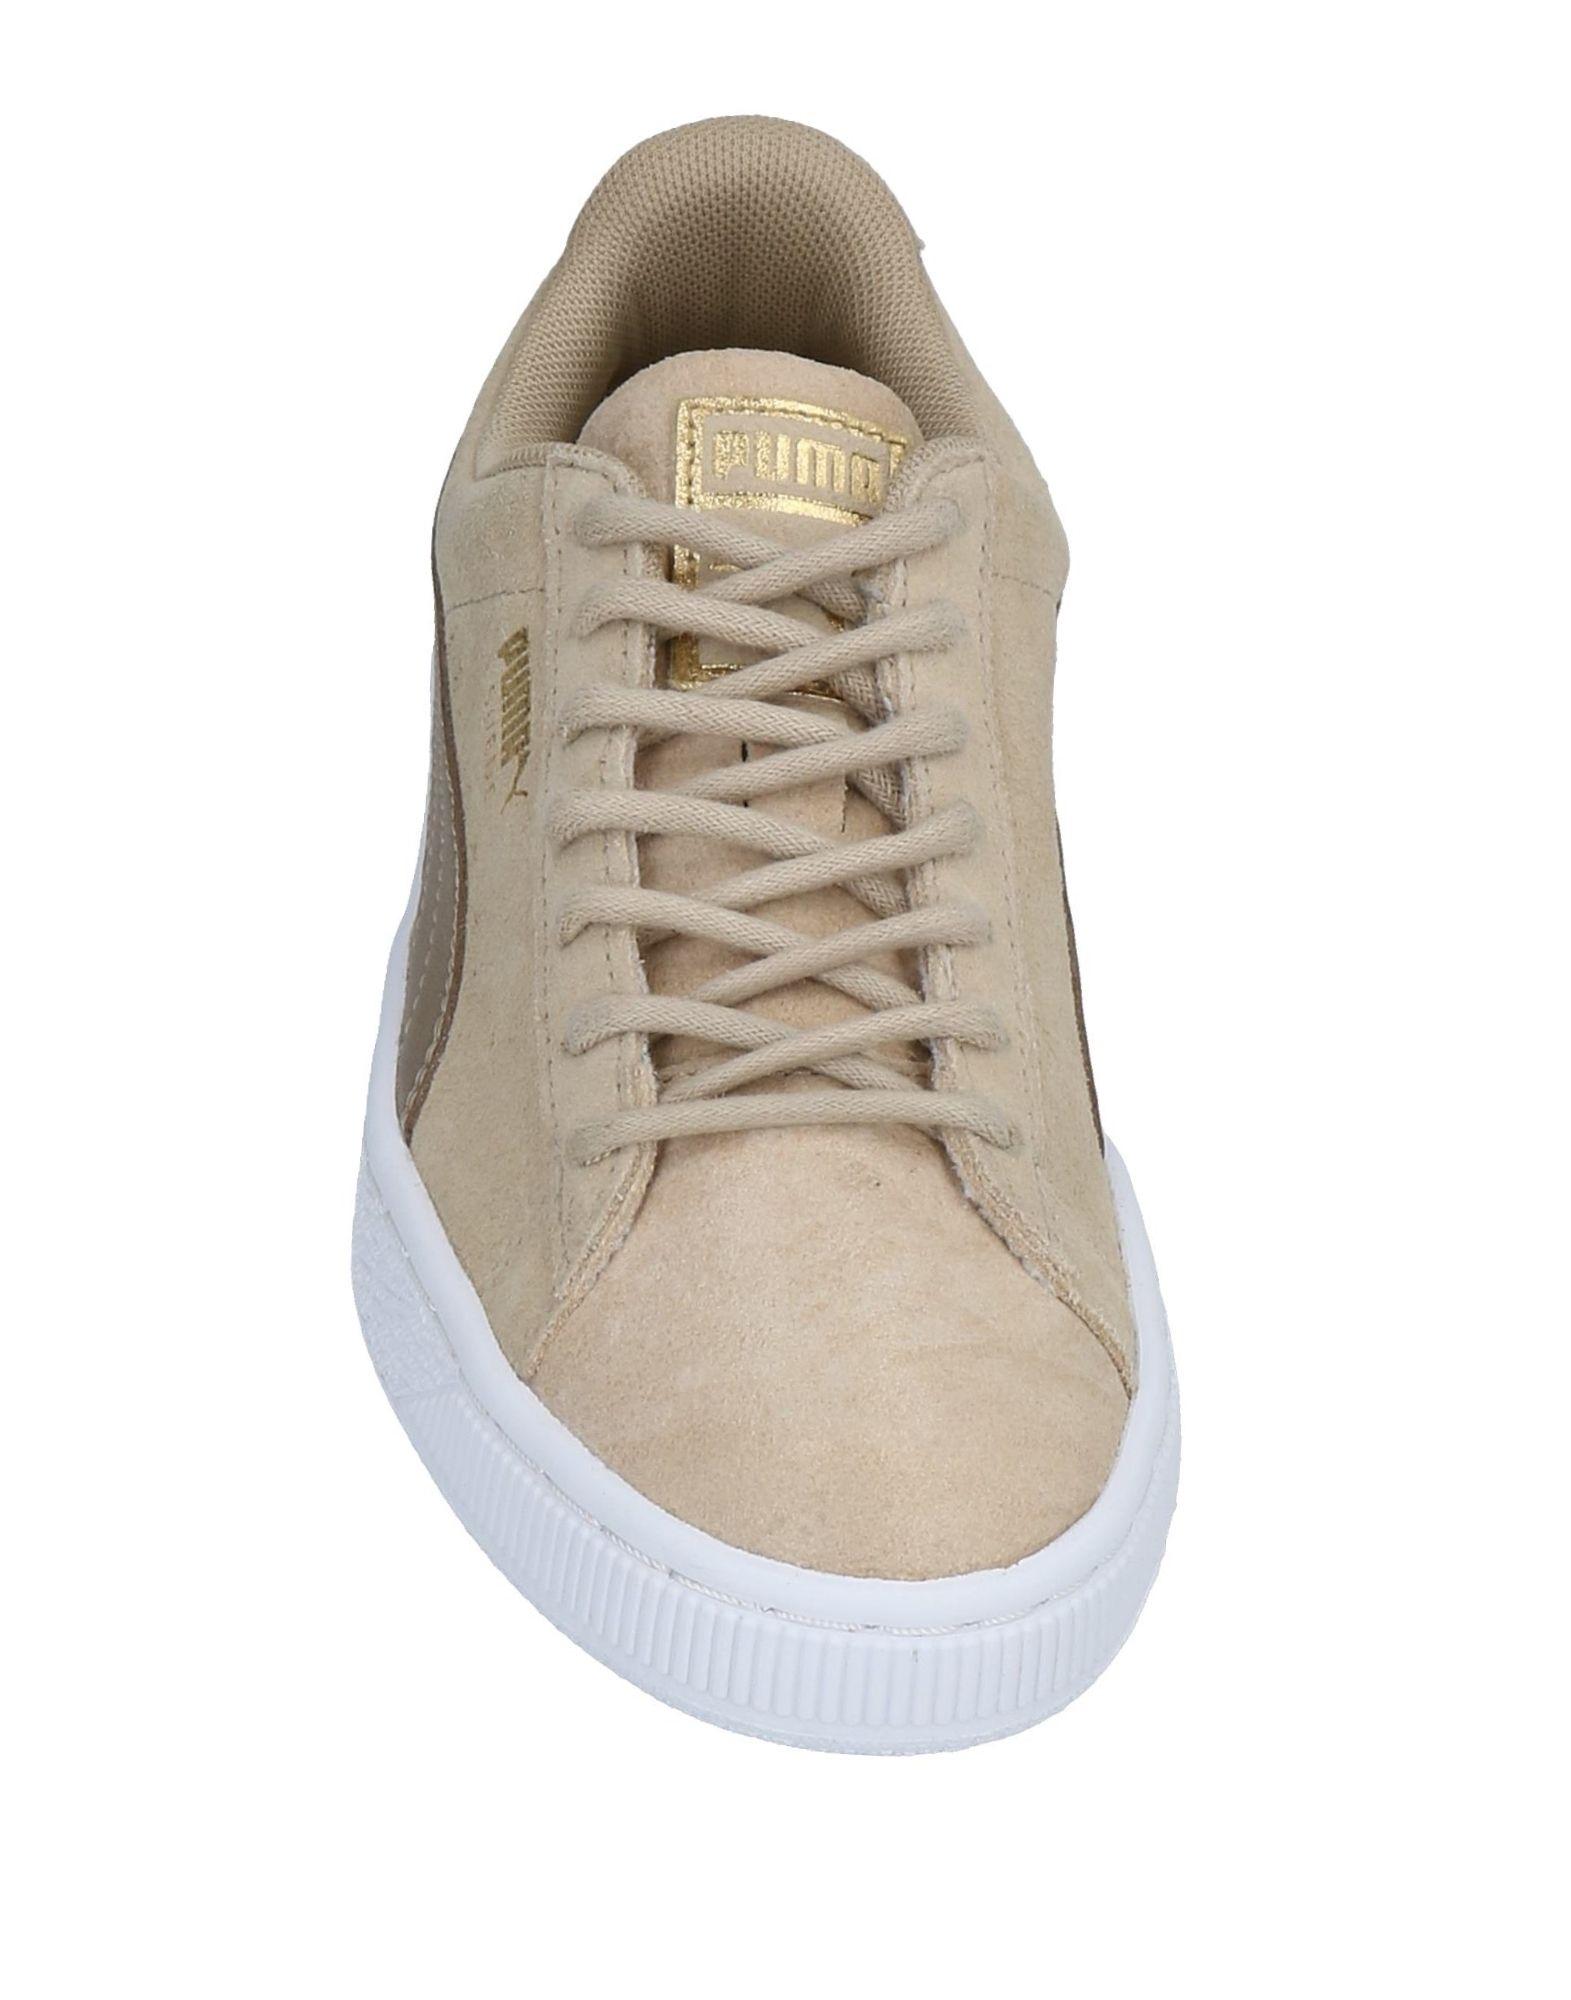 Puma Gute Sneakers Damen  11495619SQ Gute Puma Qualität beliebte Schuhe 37c885